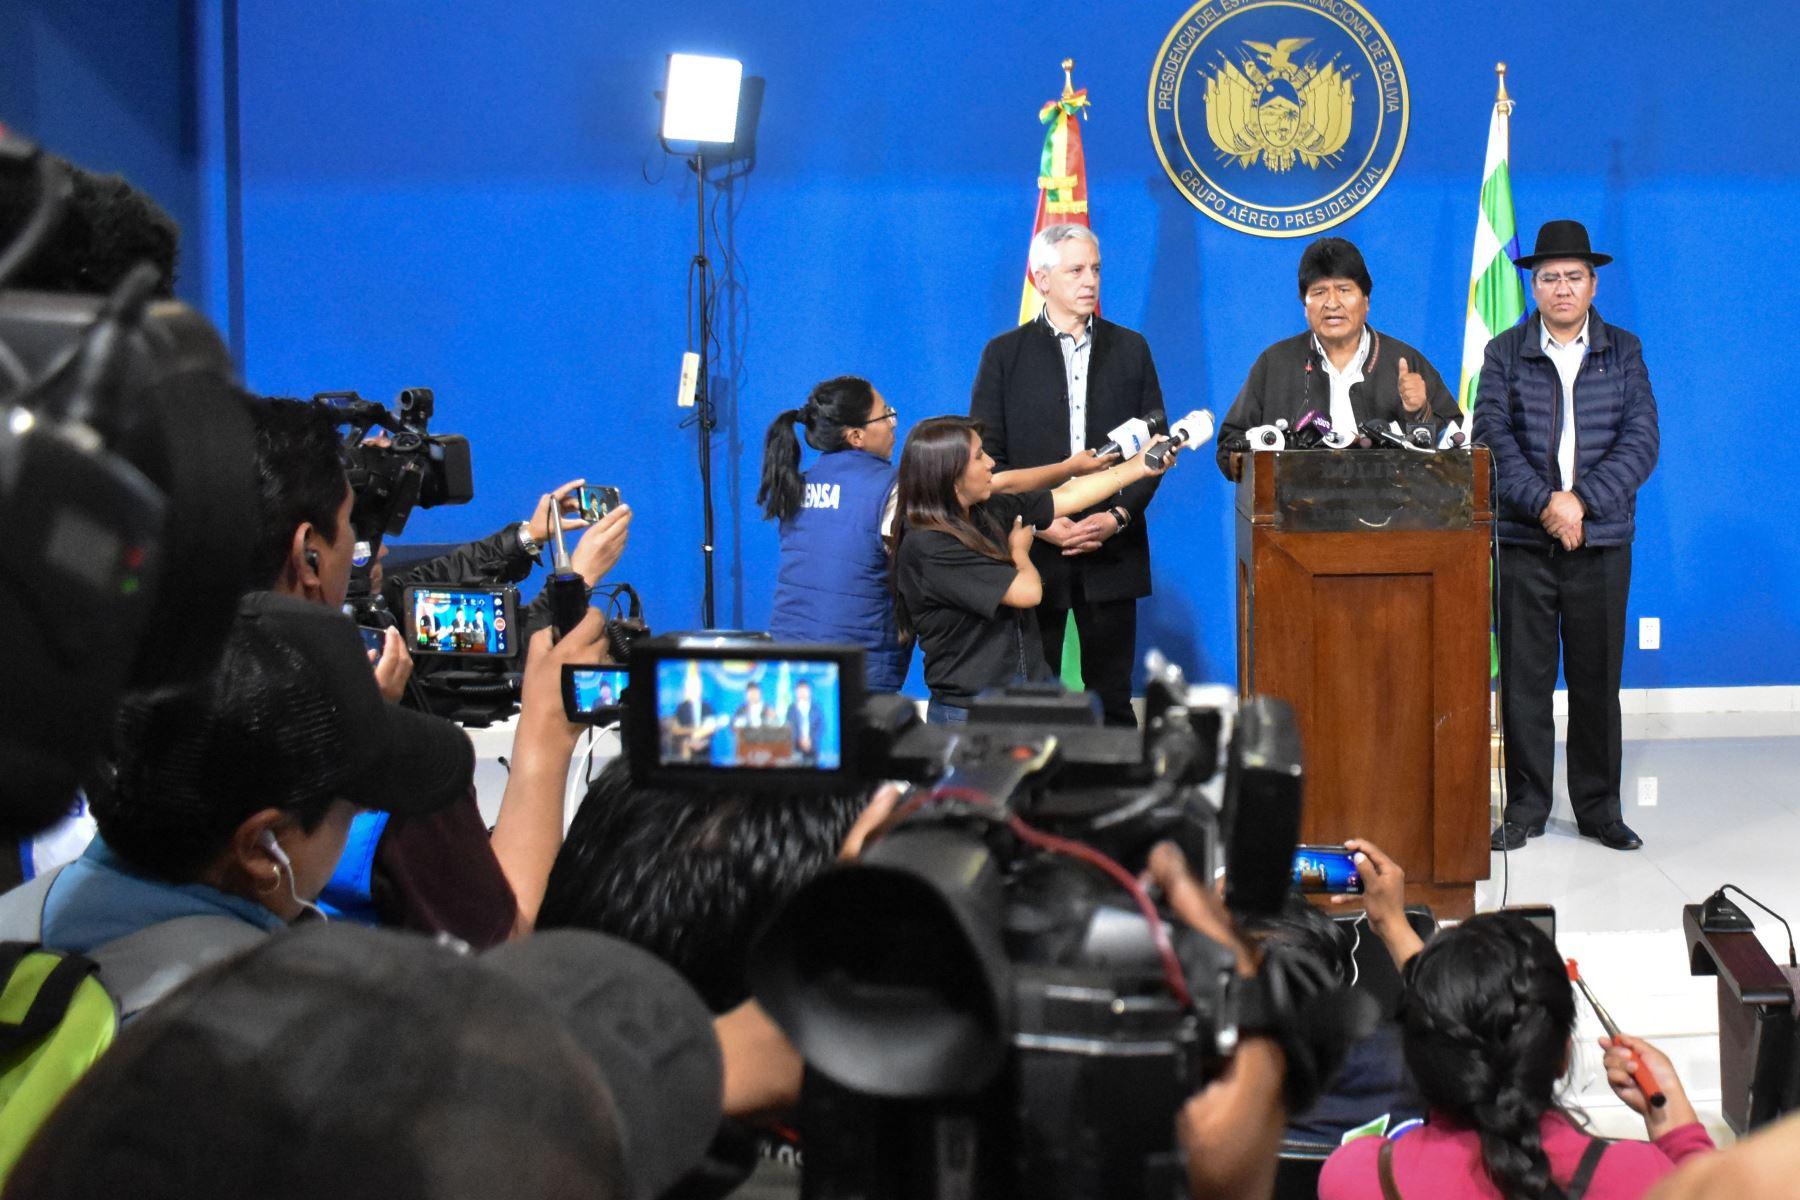 En conferencia de prensa, el presidente Evo Morales convoca a nuevas elecciones en Bolivia. Foto: Agencia Boliviana de Información